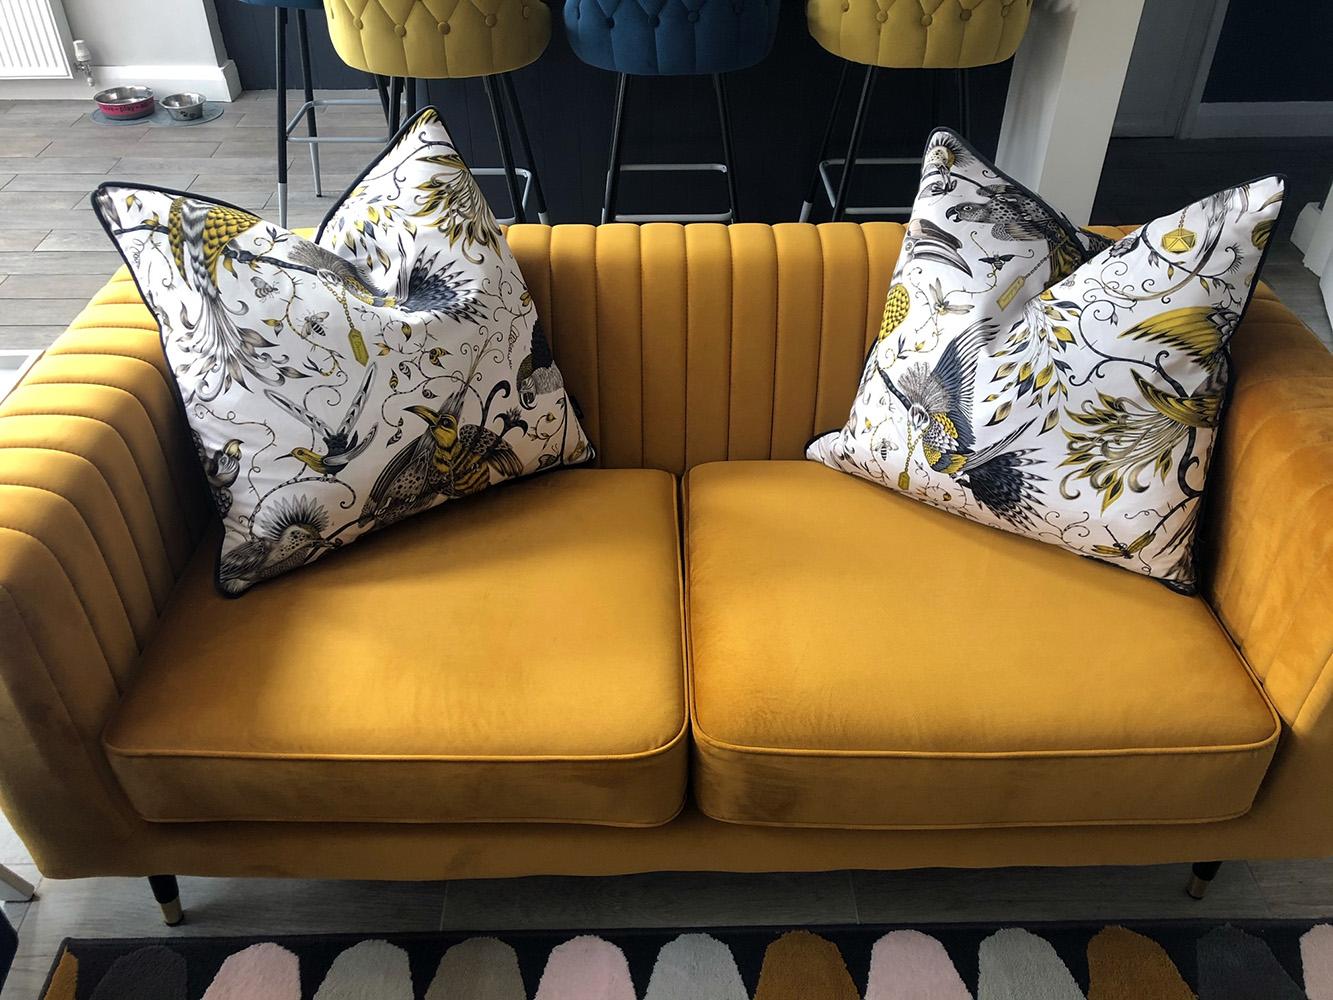 Marineblauer Sessel und gelbes Slender-Sofa